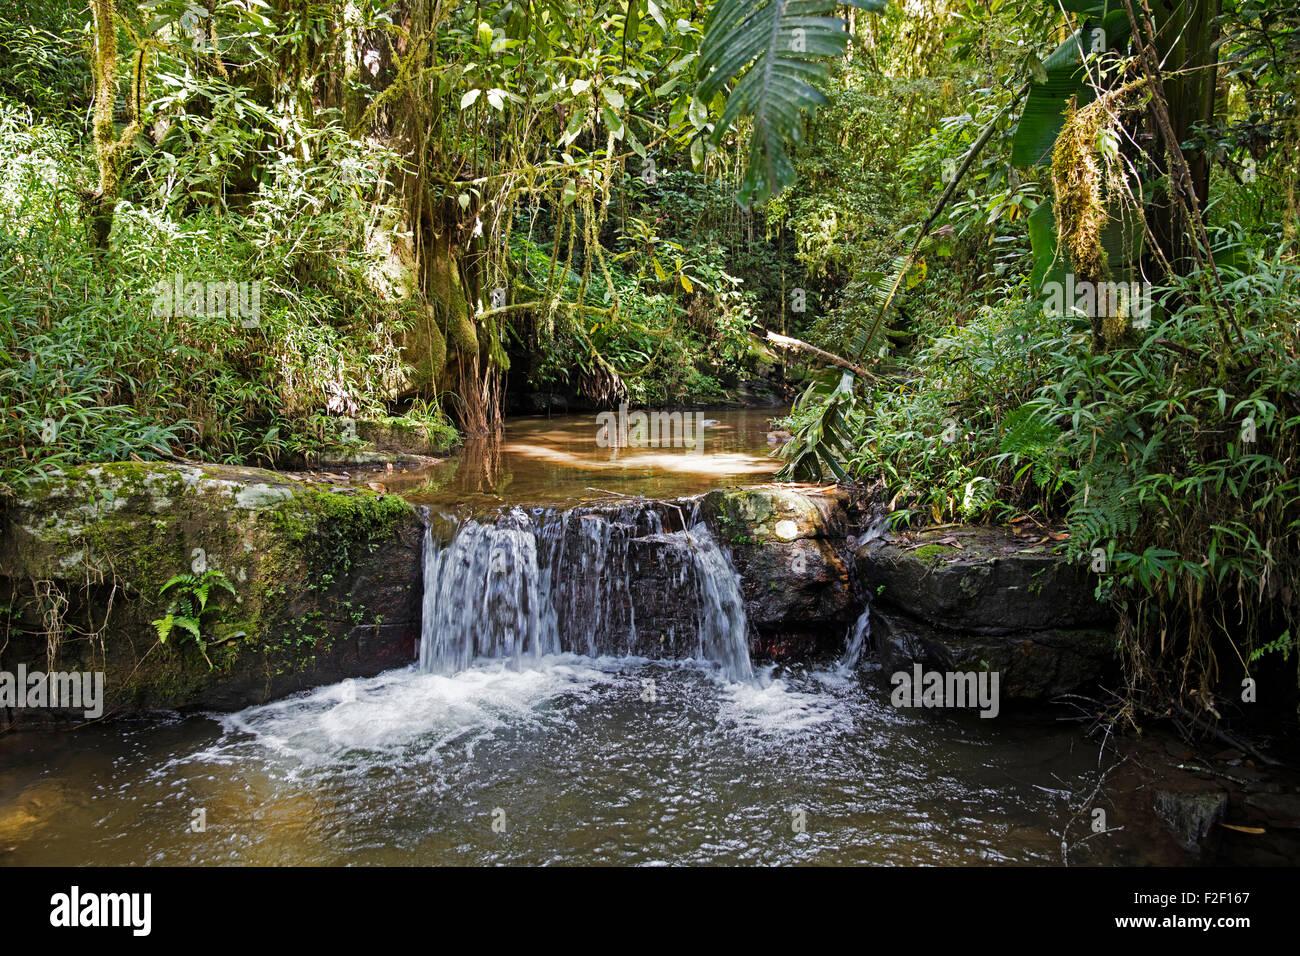 Brook avec cascade en forêt tropicale du Parc National de Ranomafana, la Haute Matsiatra, Madagascar, Afrique Photo Stock